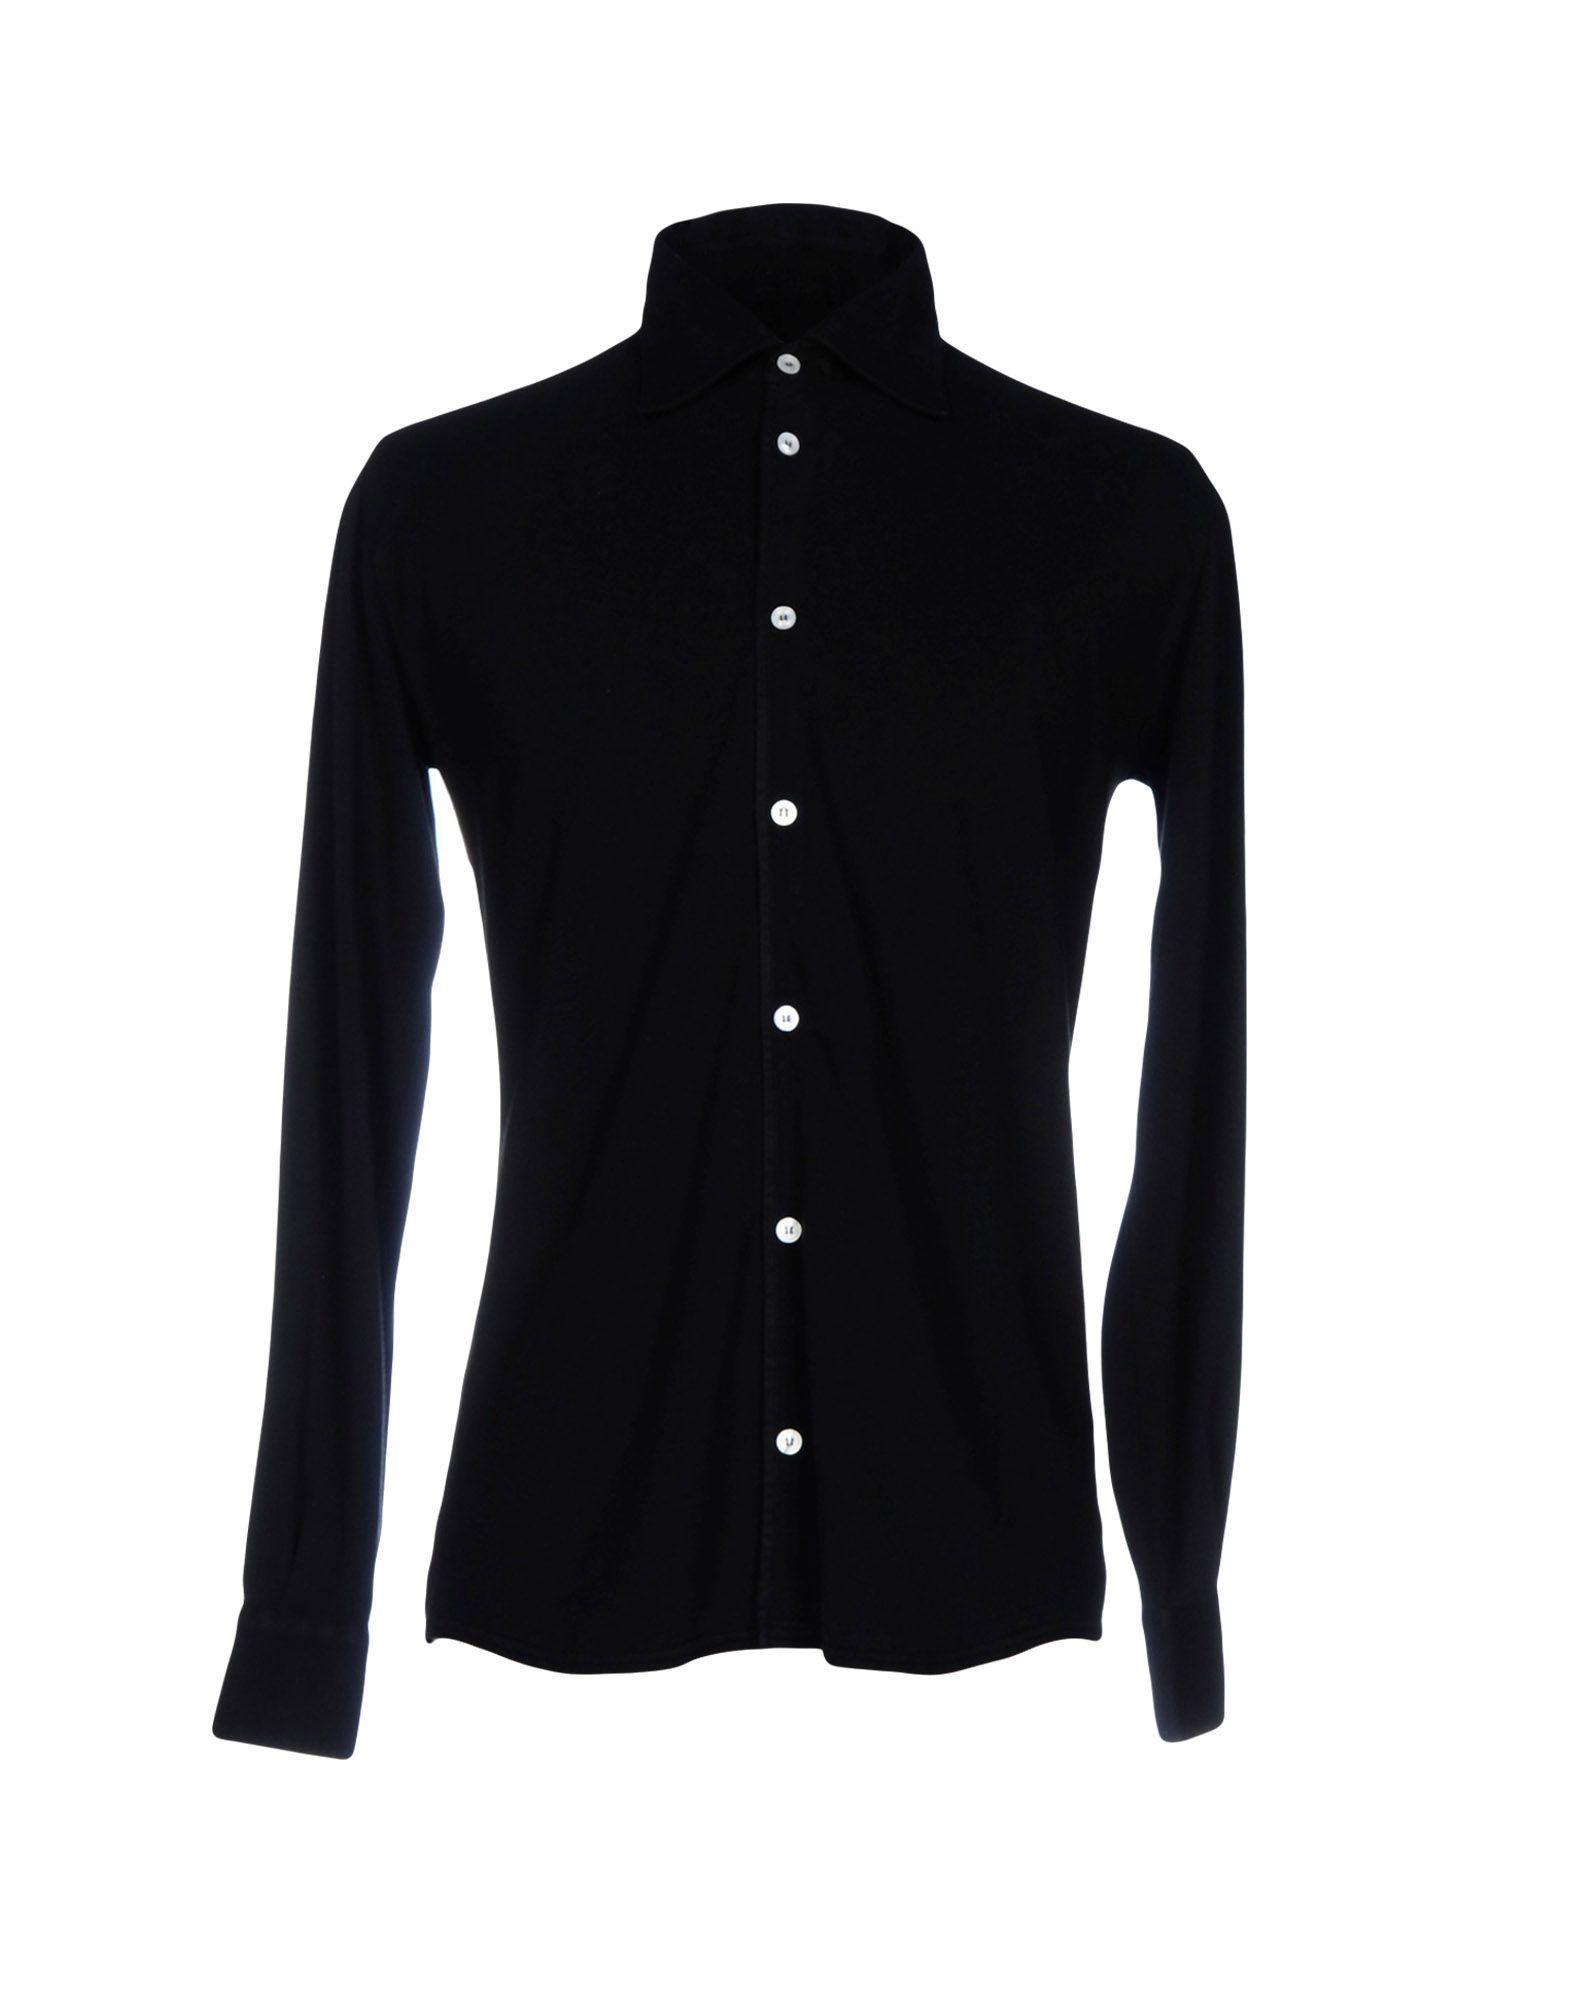 FEDELI メンズ シャツ ブラック 46 コットン 100%